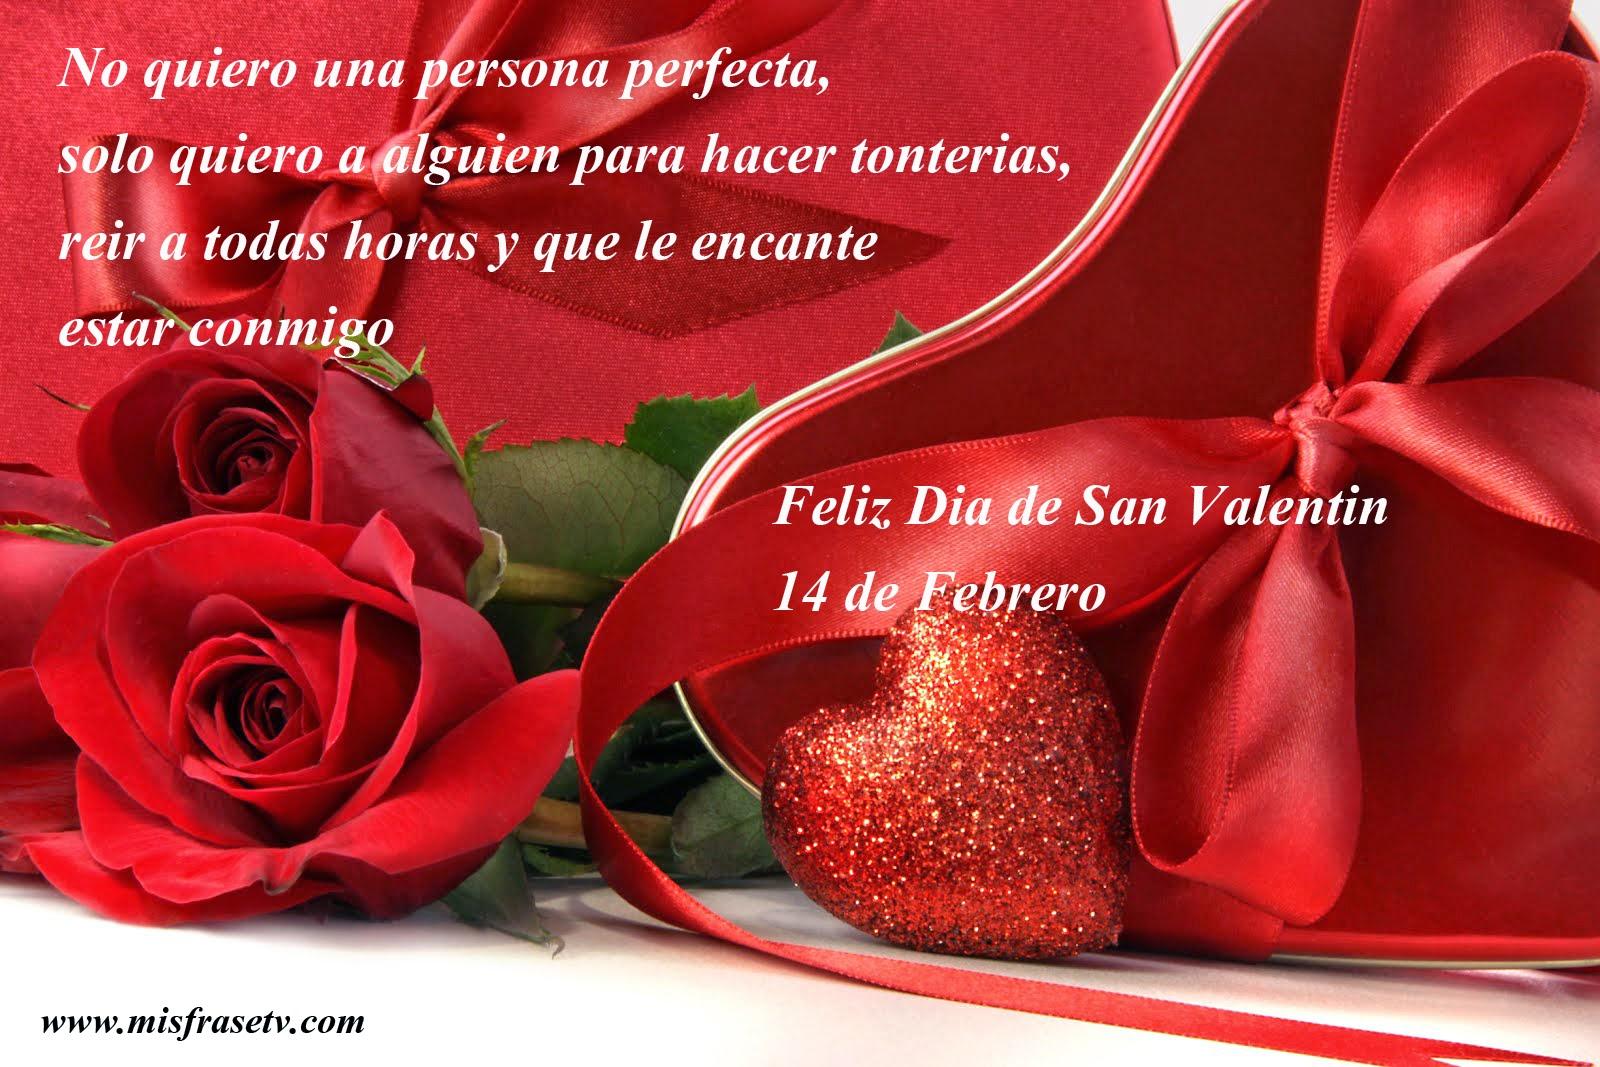 Frases De San Valentín: No Quiero Una Persona Perfecta